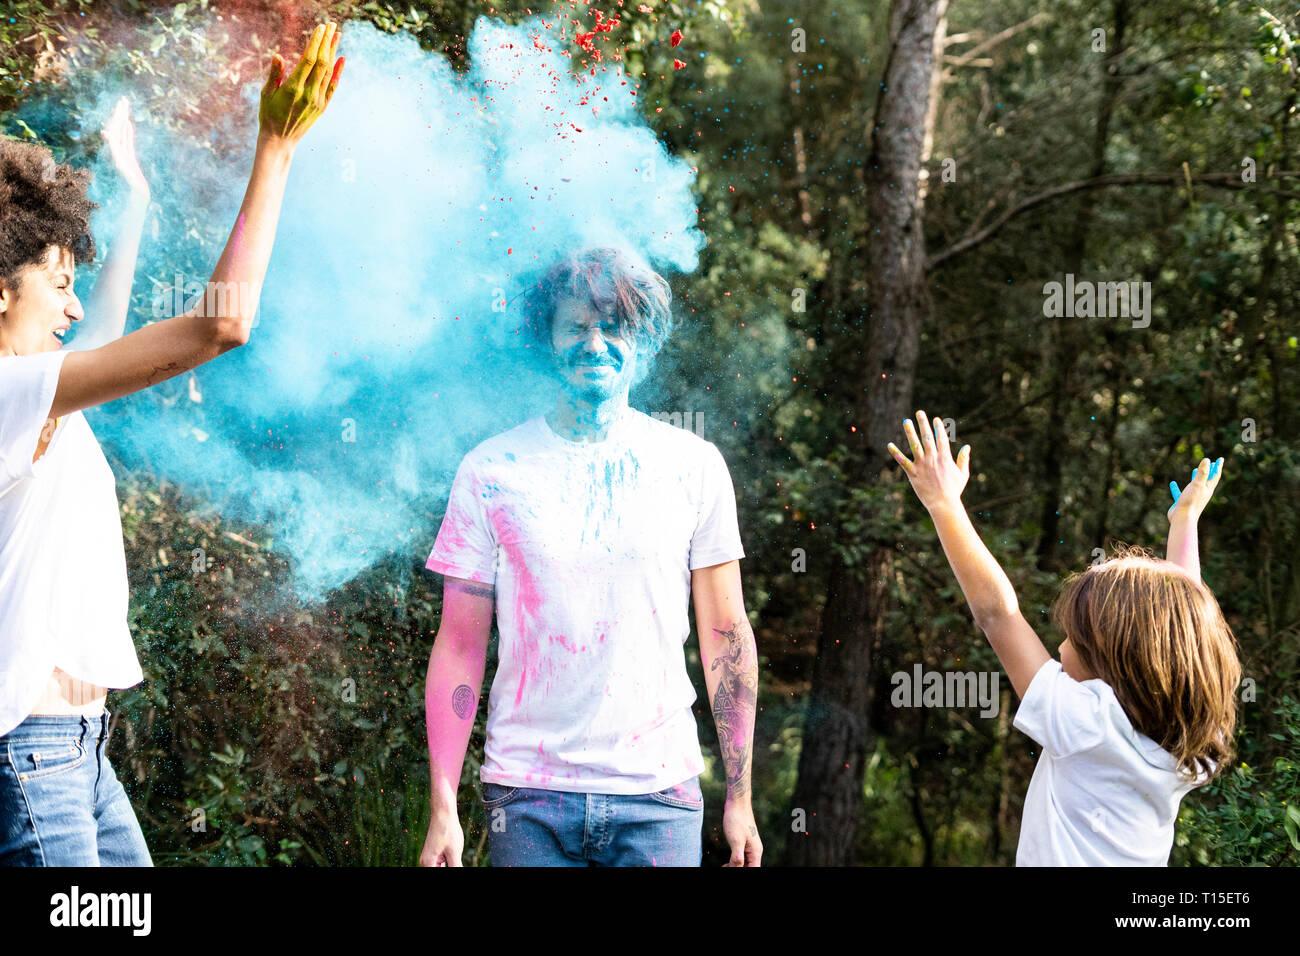 Jeter La Famille Peinture Poudre Coloree Celebrer Holi Festival Des Couleurs Photo Stock Alamy